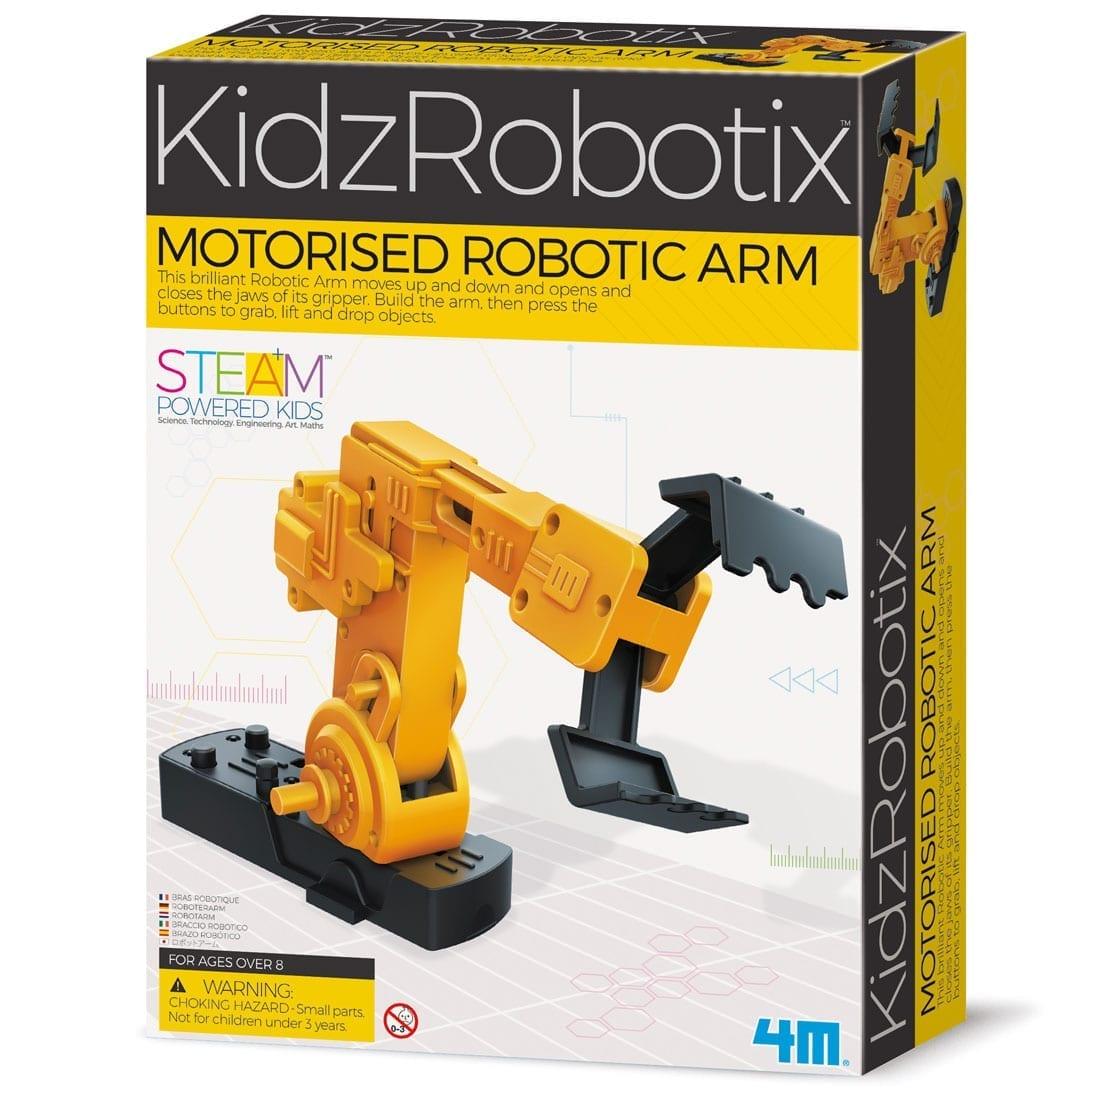 זרוע רובוטית ממונעת 4M קיט לבניה עצמית שליטה באמצעות כפתורים